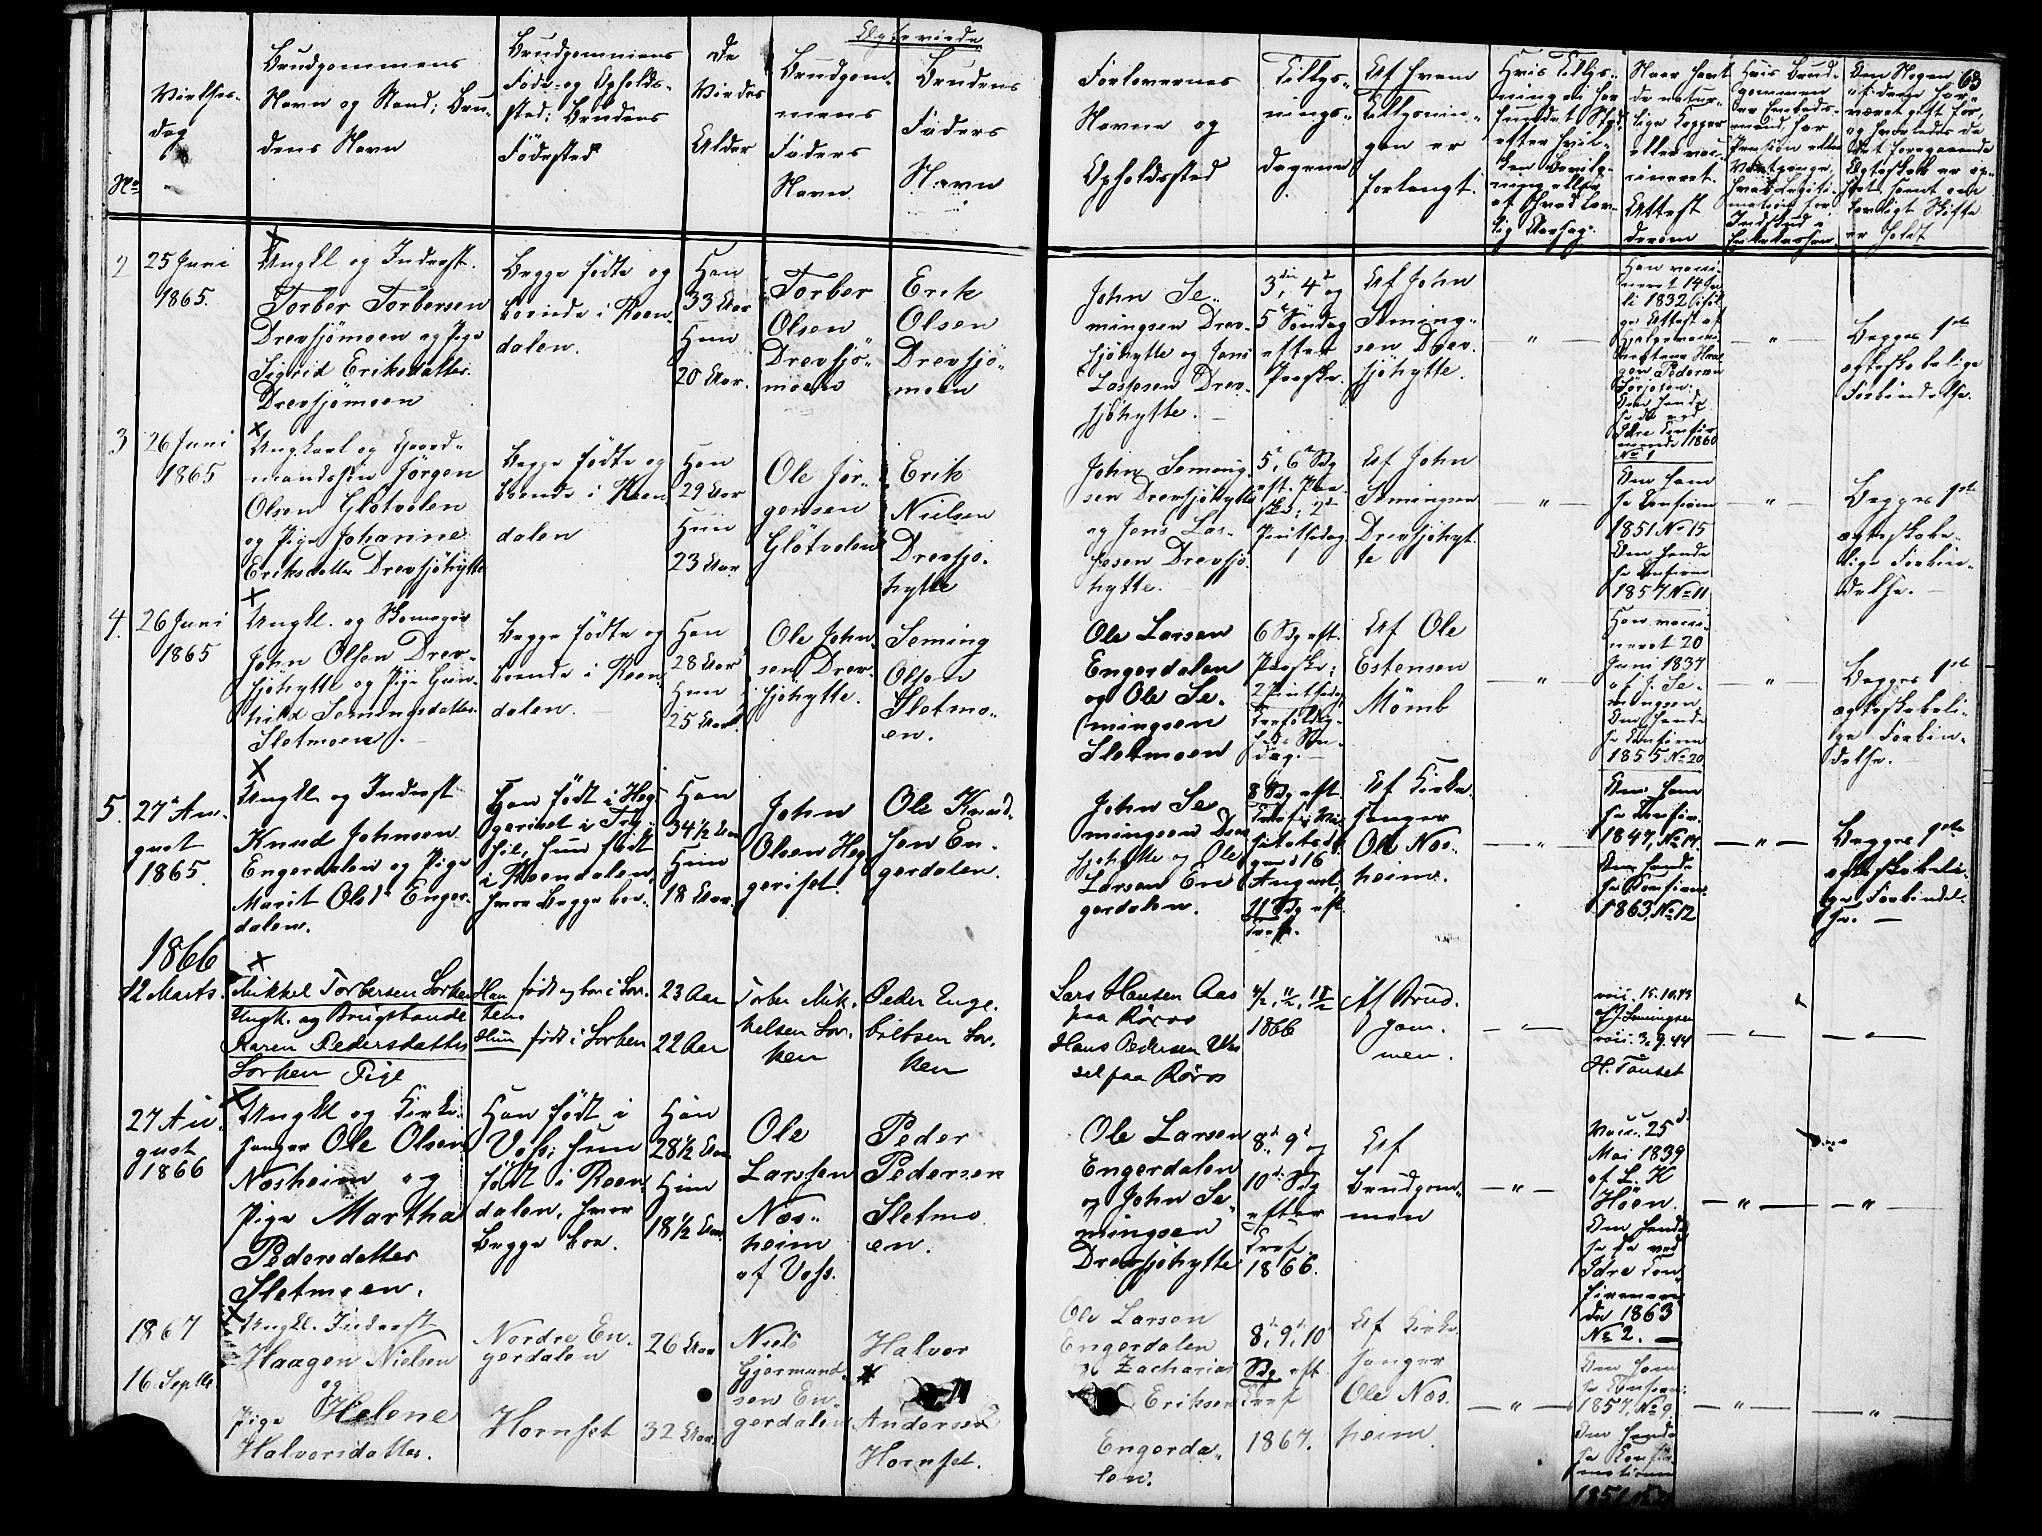 SAH, Rendalen prestekontor, H/Ha/Hab/L0002: Klokkerbok nr. 2, 1858-1880, s. 63